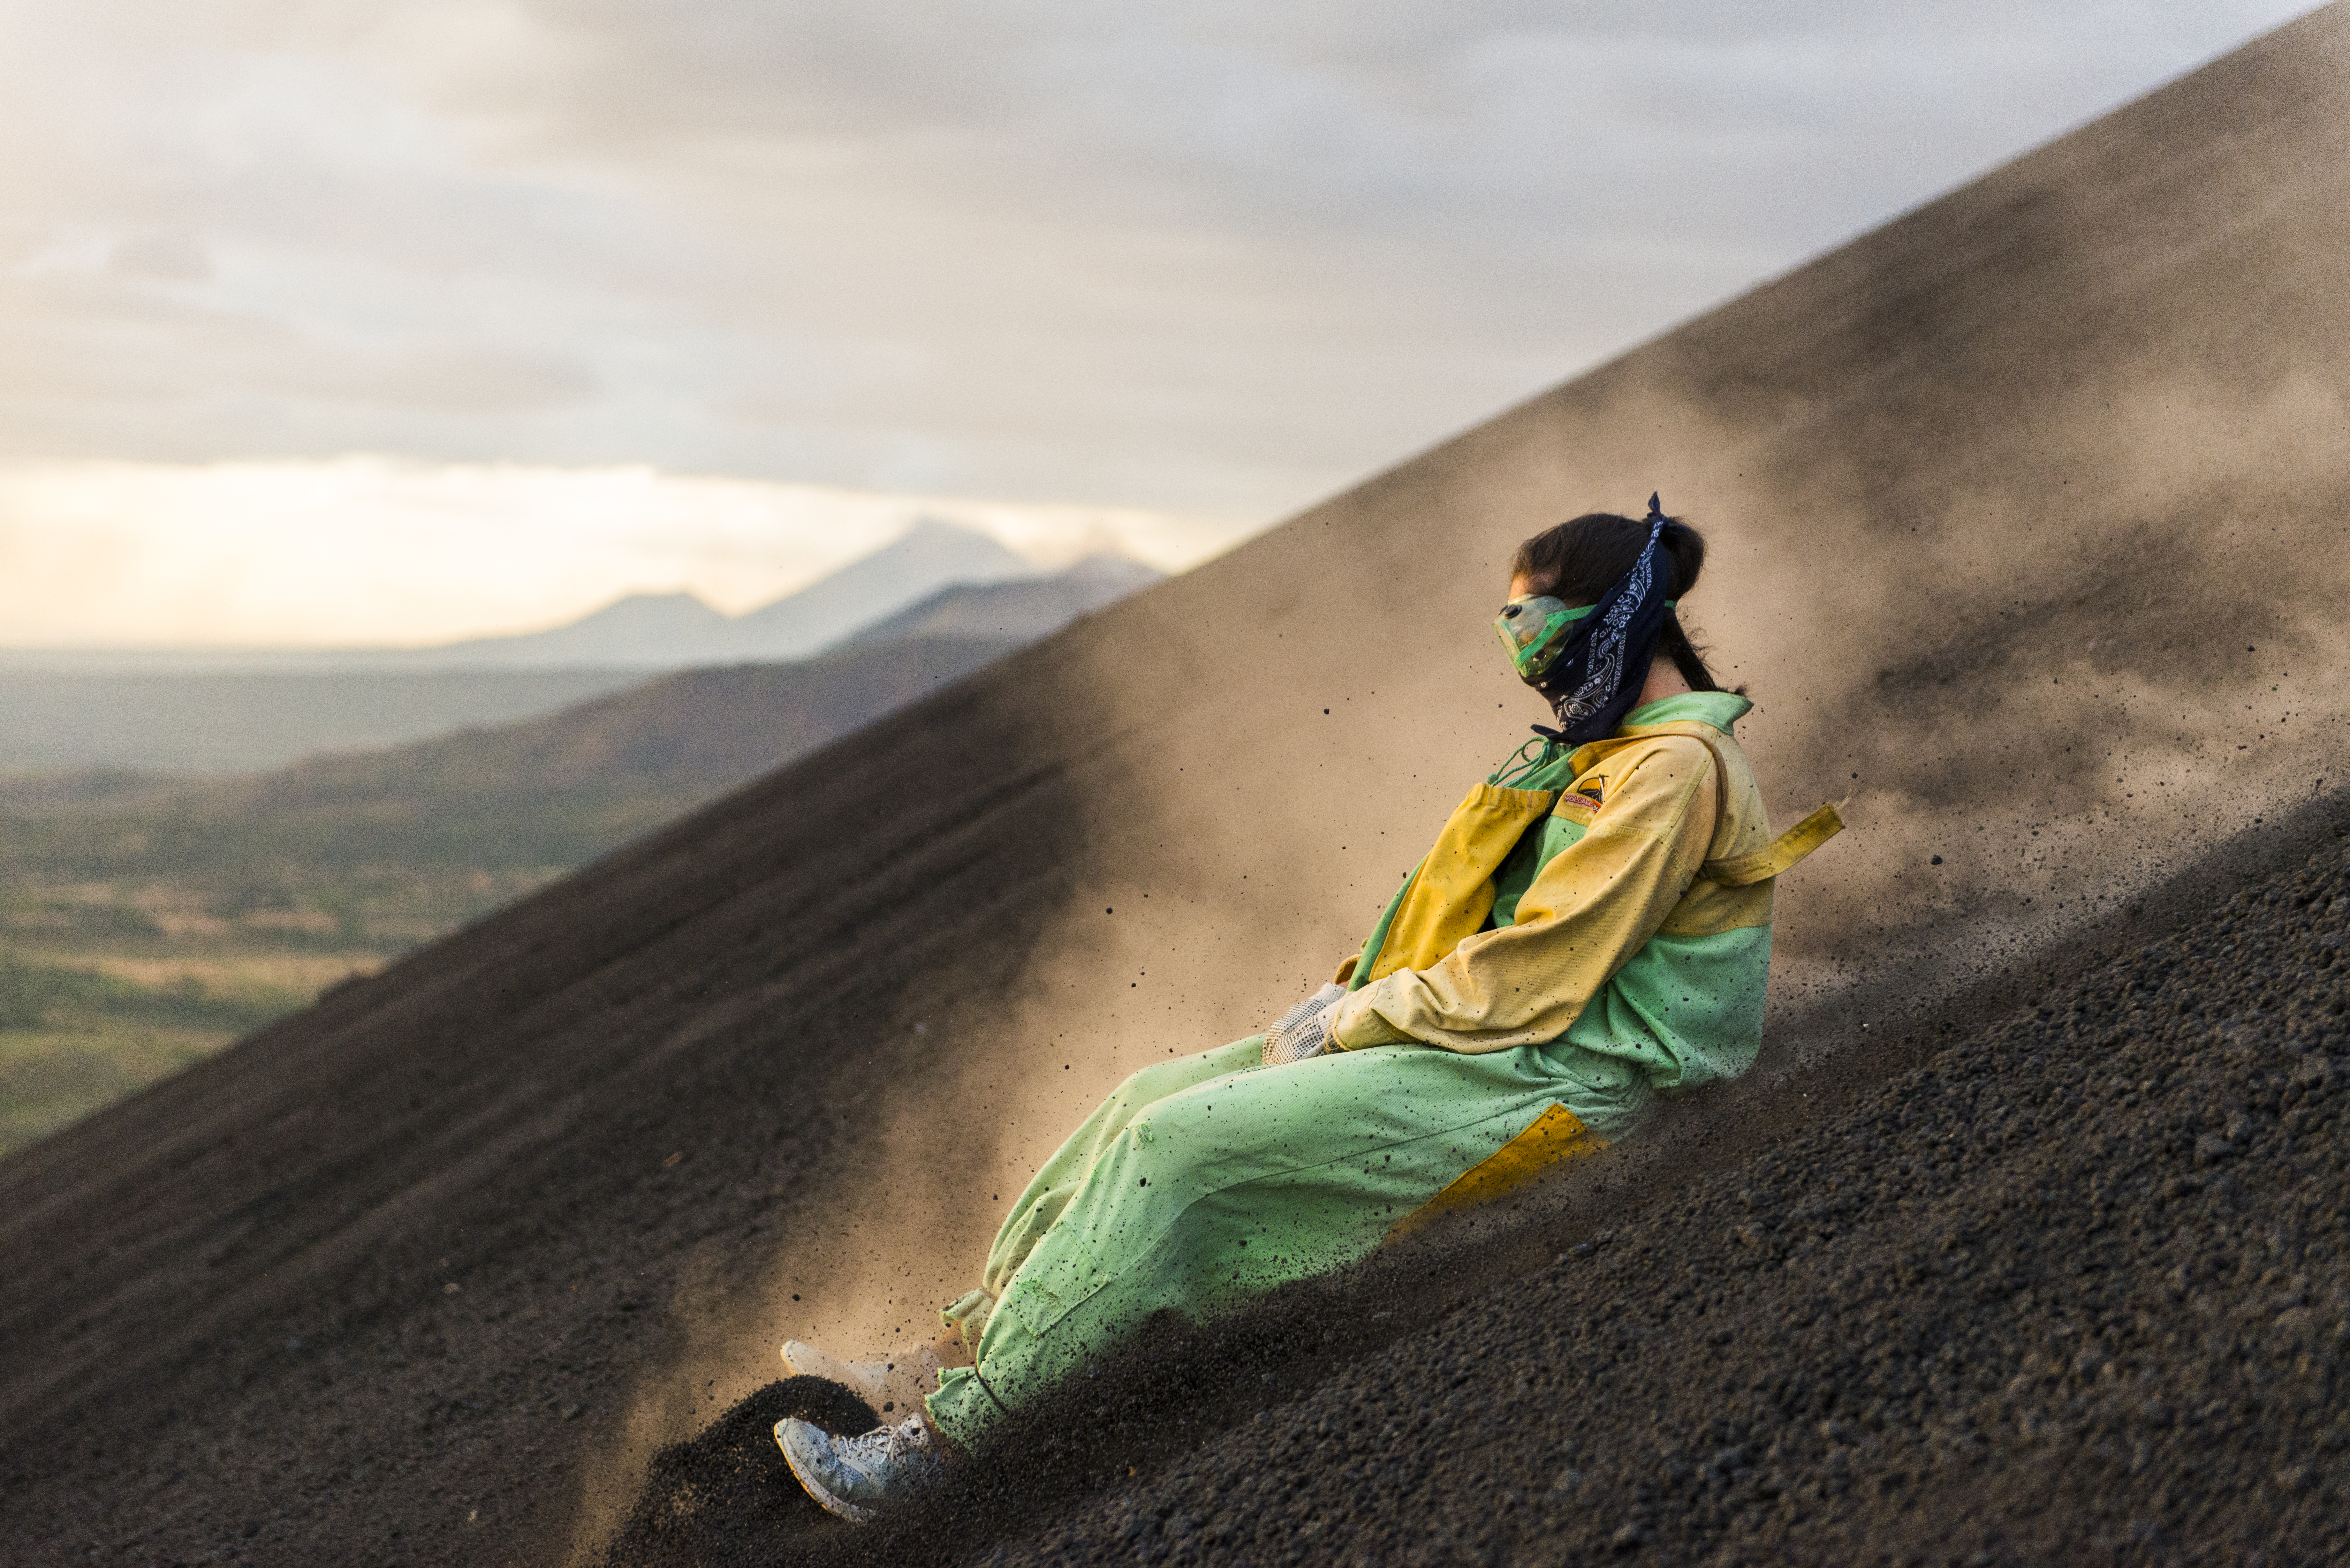 Frau fährt mit dem Surfbrett vom Vulkan Cerro Negro, Cordillera de los Maribios, Leon, Nicaragua